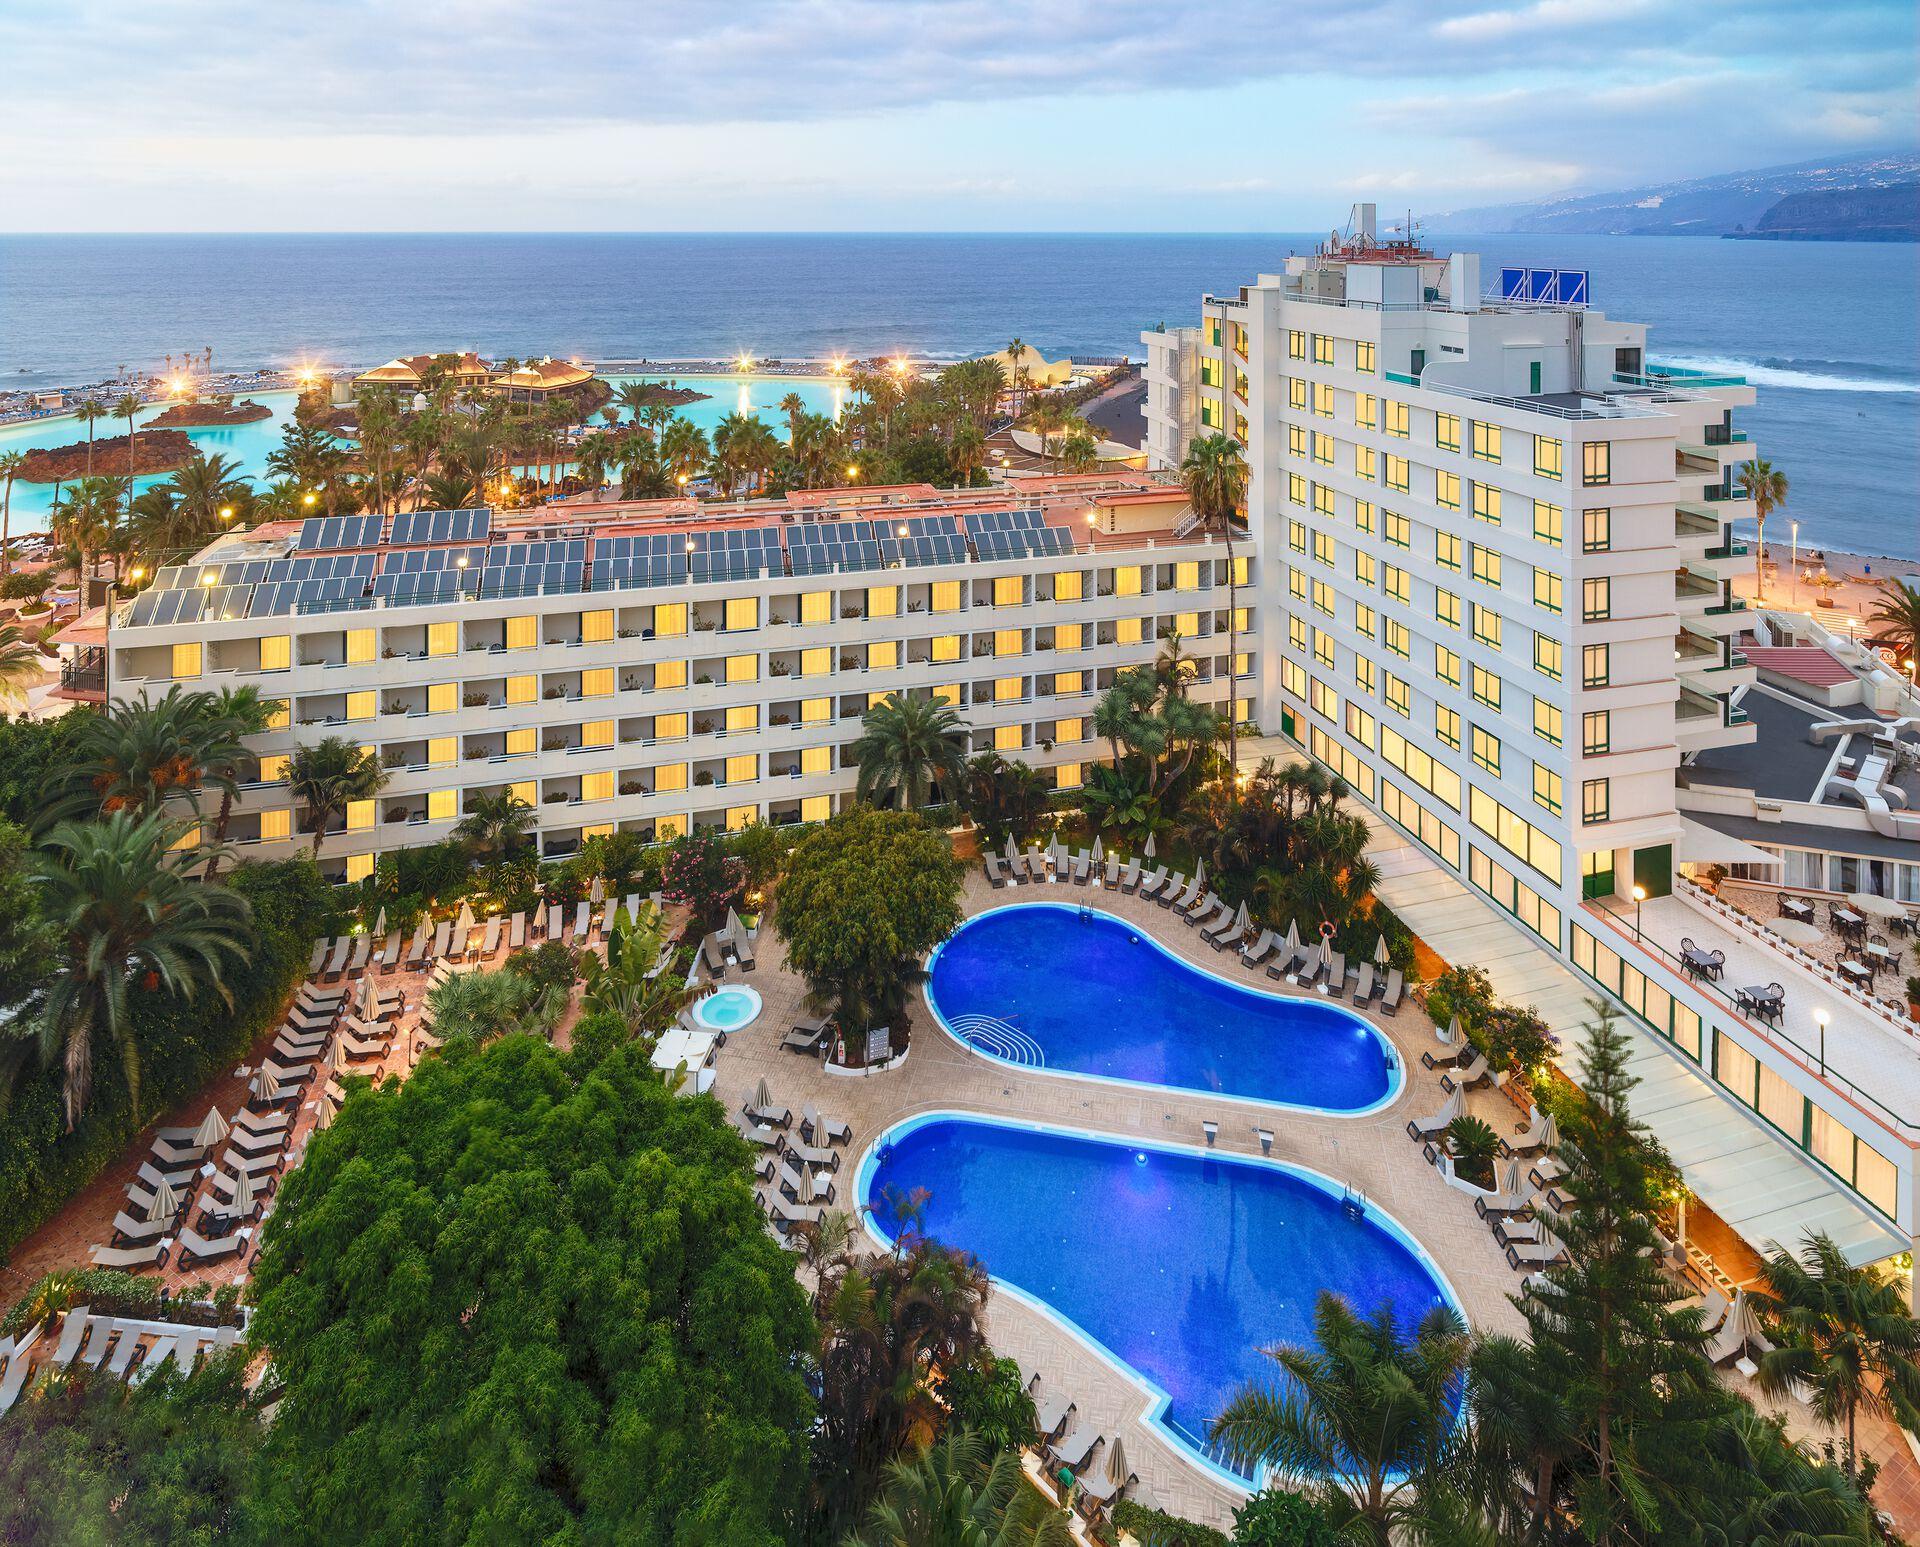 Séjour Tenerife - Hotel H10 Tenerife Playa - 4*